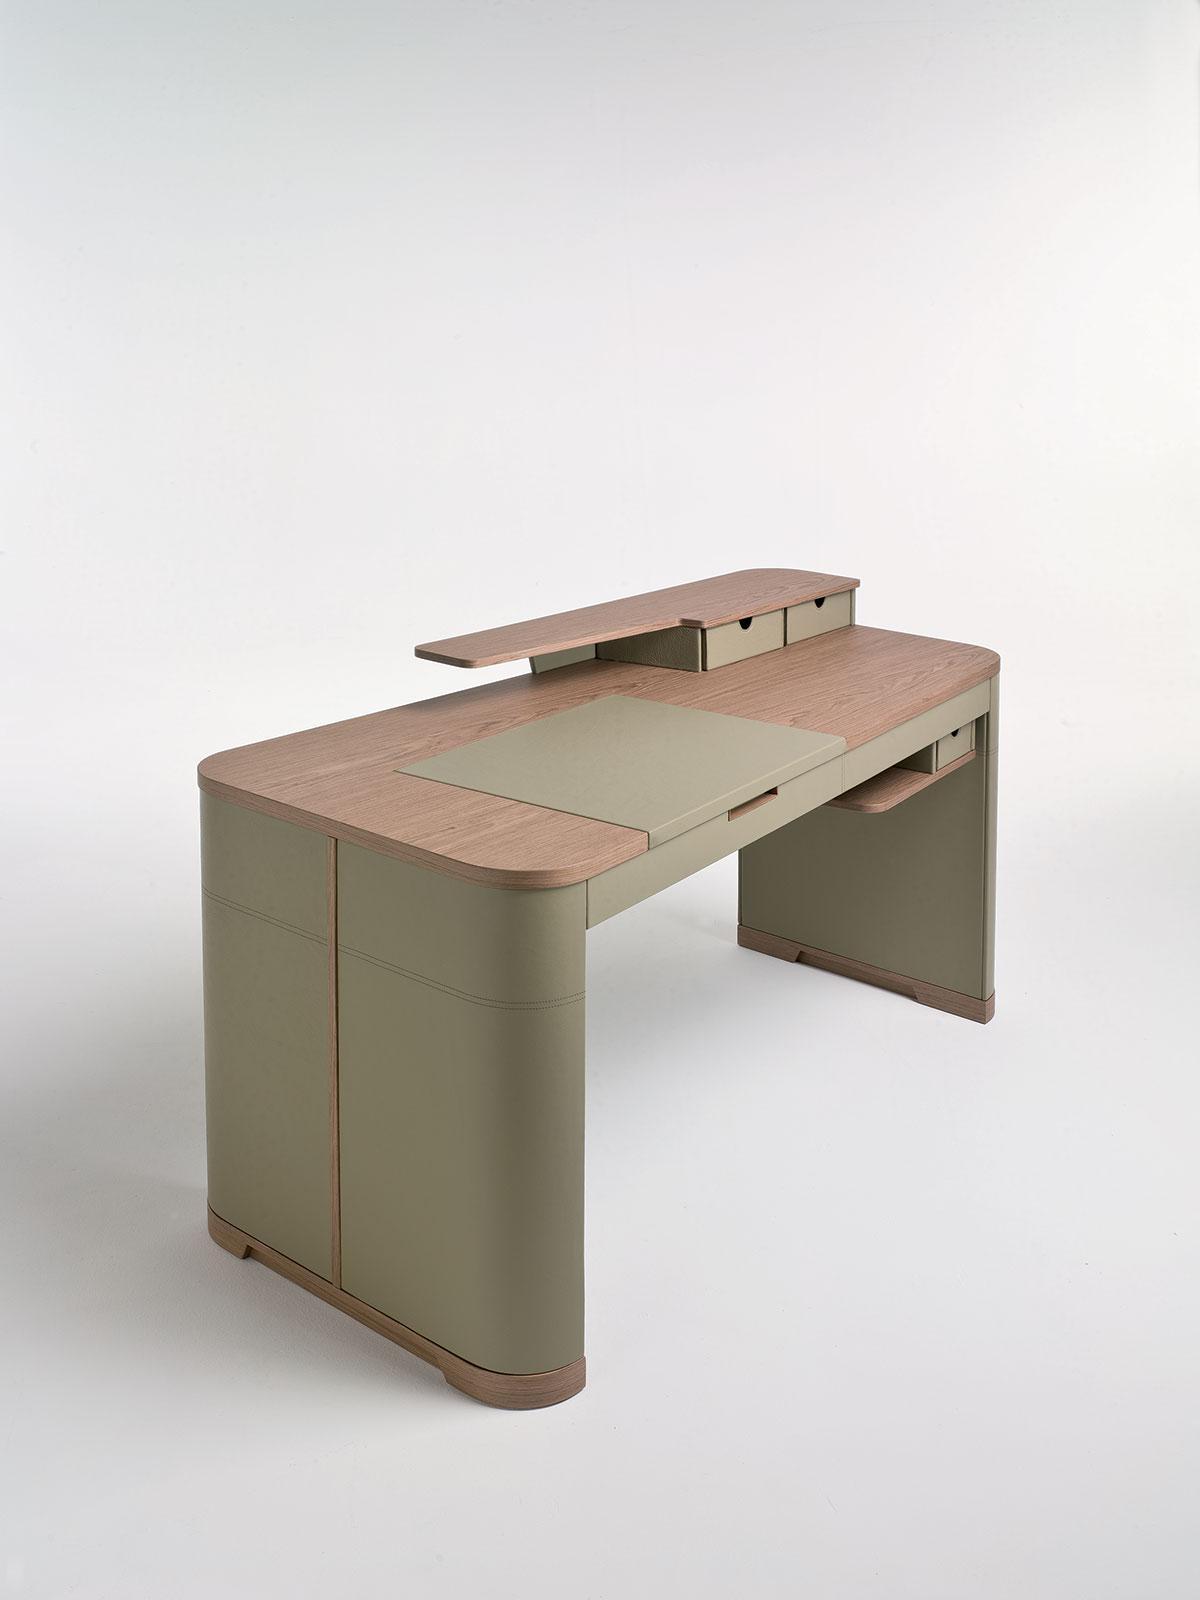 ameublement design haut de gamme luxe cuir de direction en ligne mobilier meuble design contemporains internet